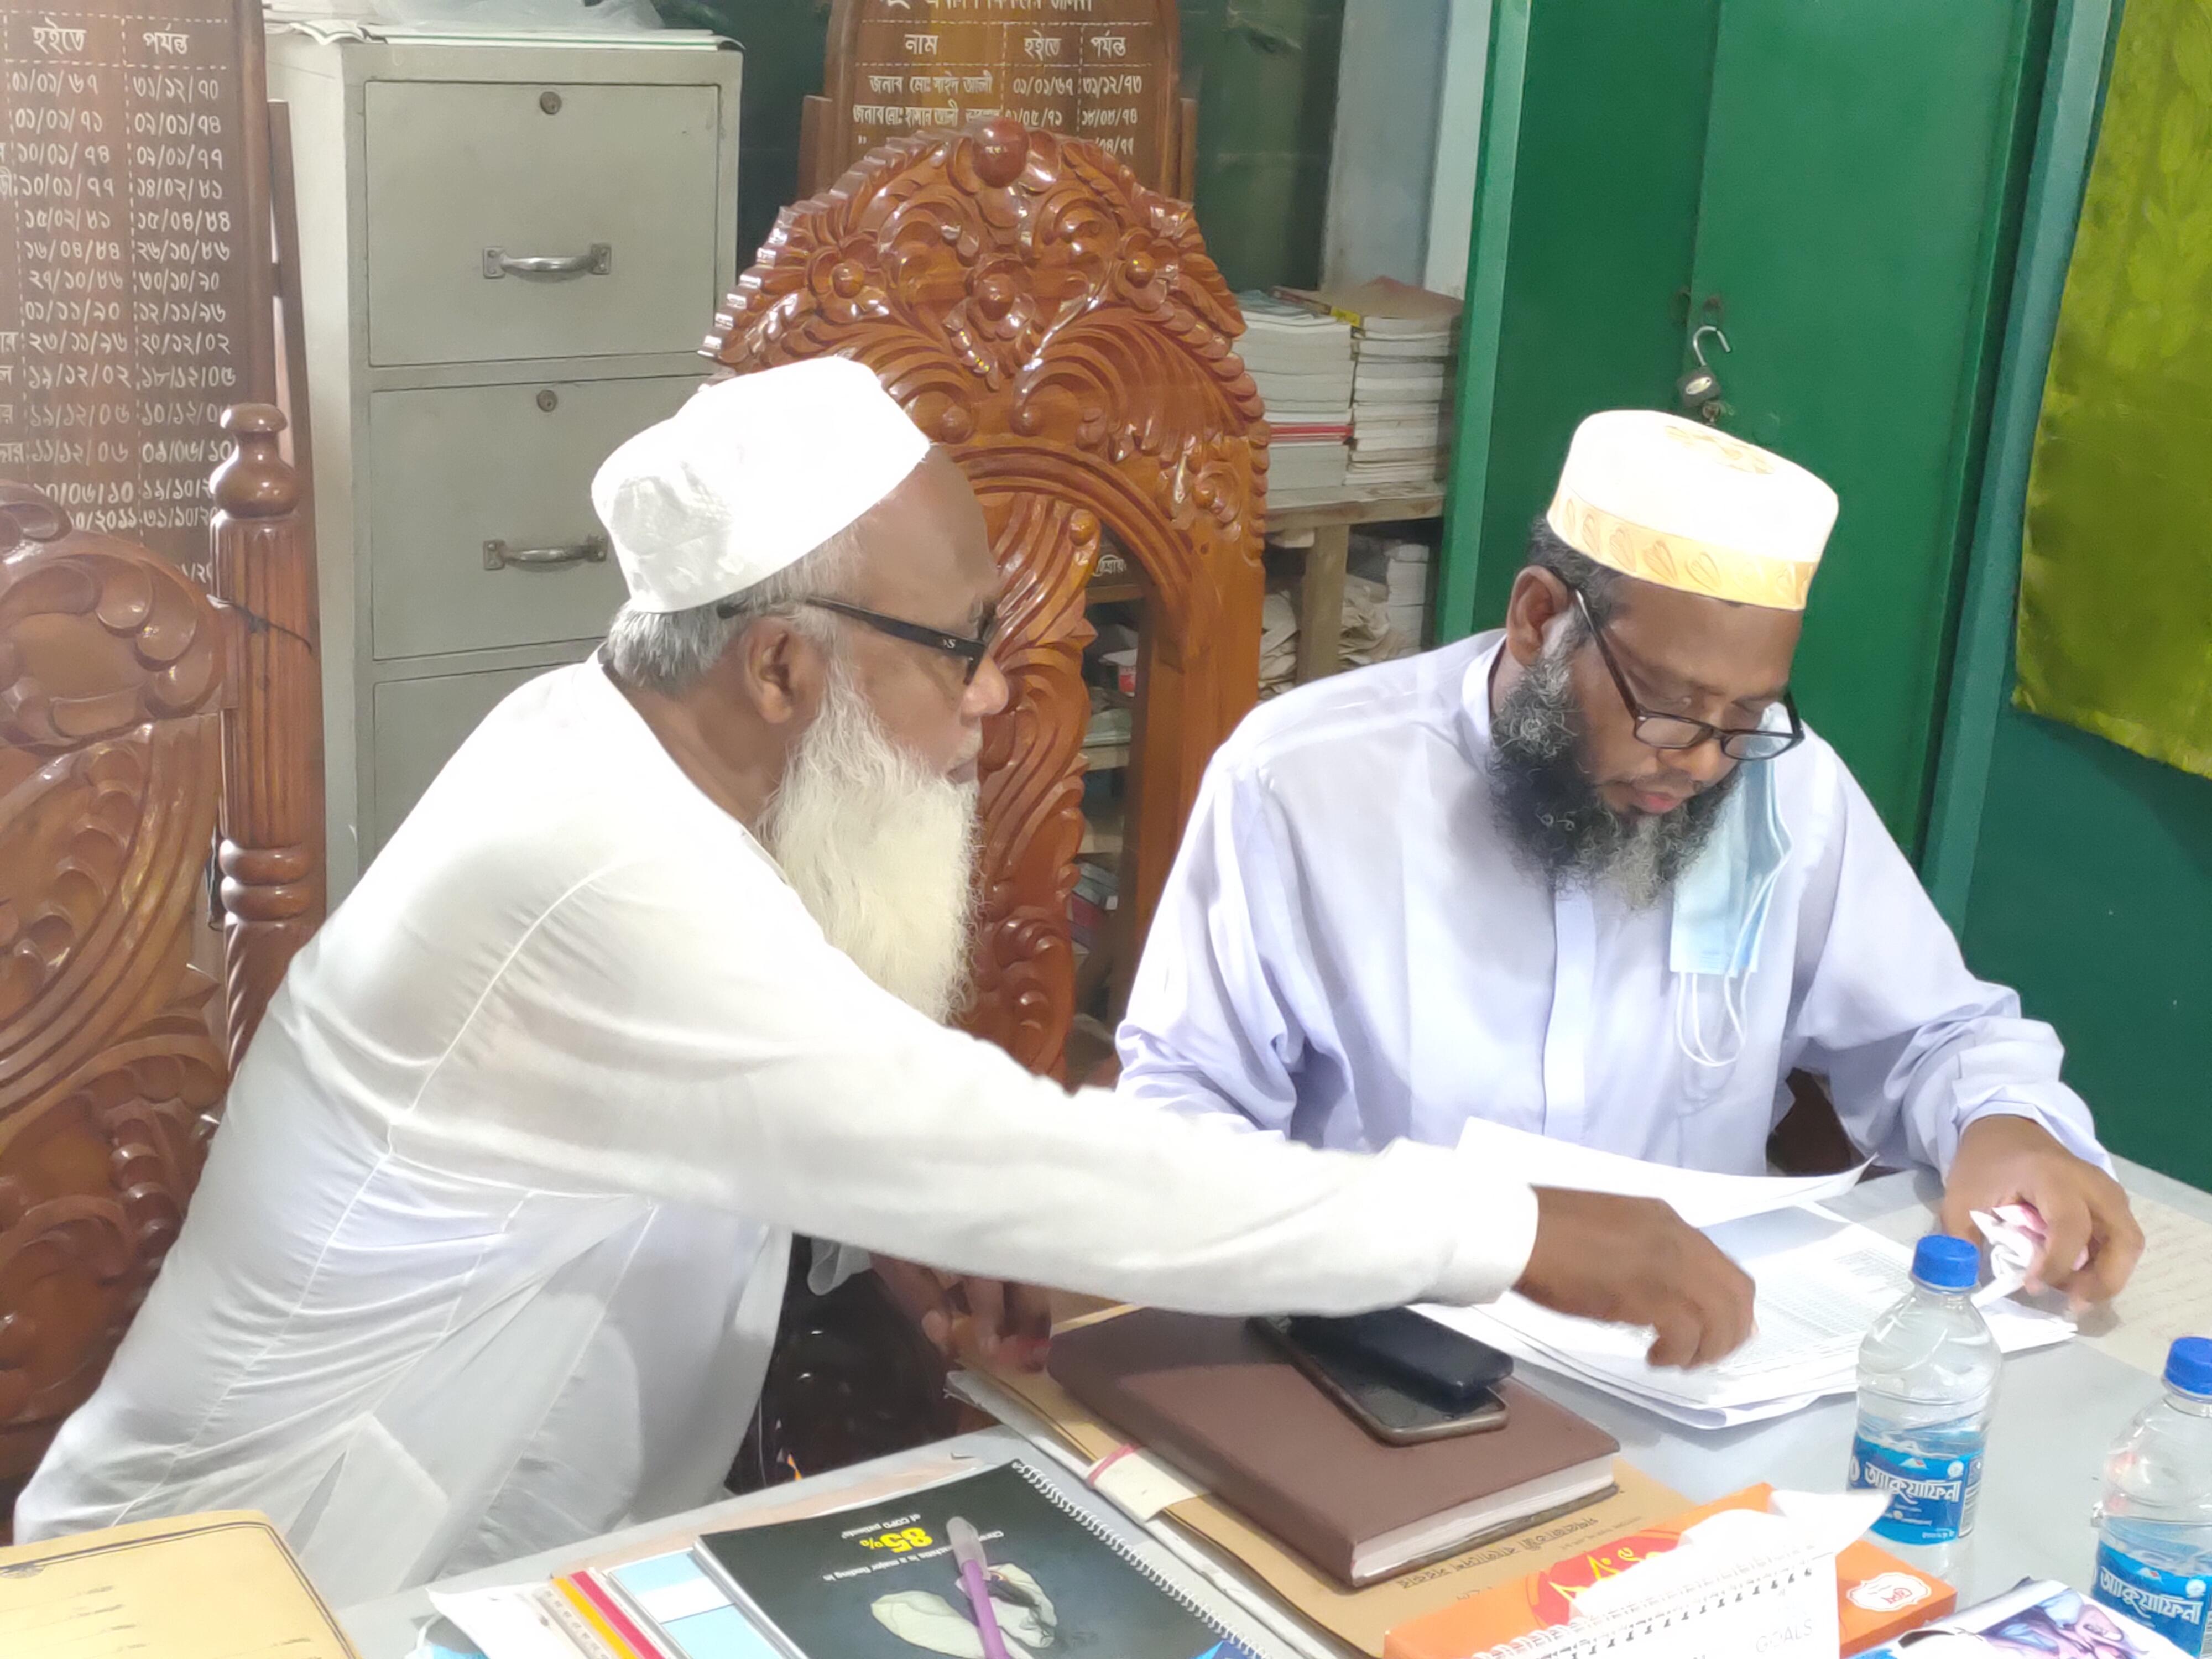 নালিতাবাড়ীতে জেলা শিক্ষা অফিসারের বিদ্যালয় পরিদর্শন